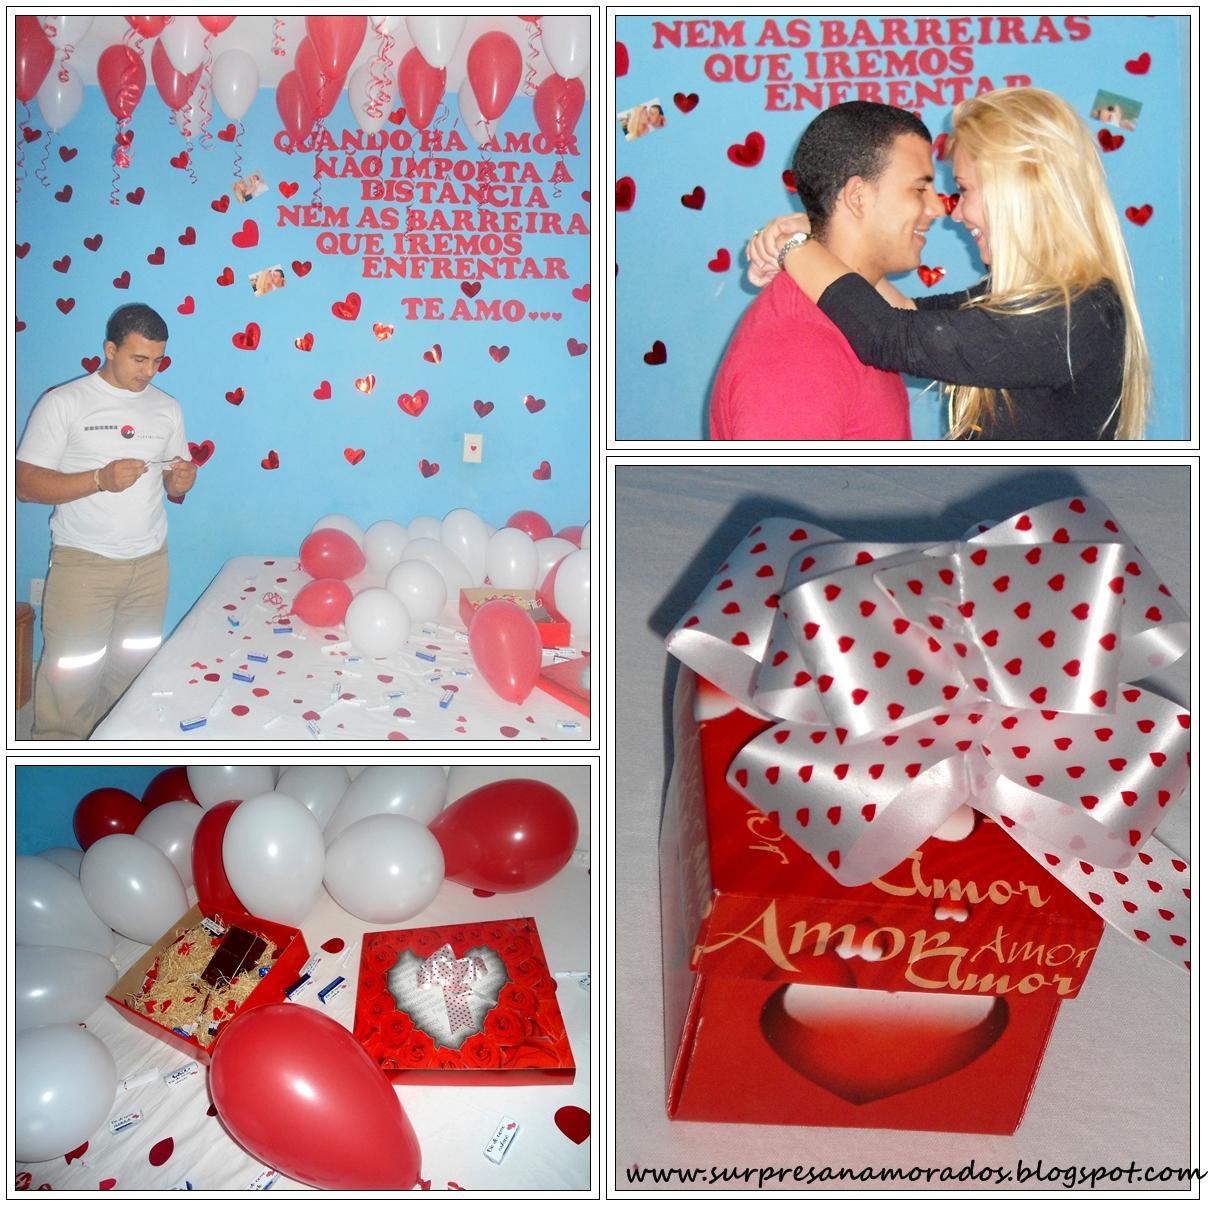 Surpresas e festas a dois Surpresas para Namorados ~ Surpresa Criativa No Quarto